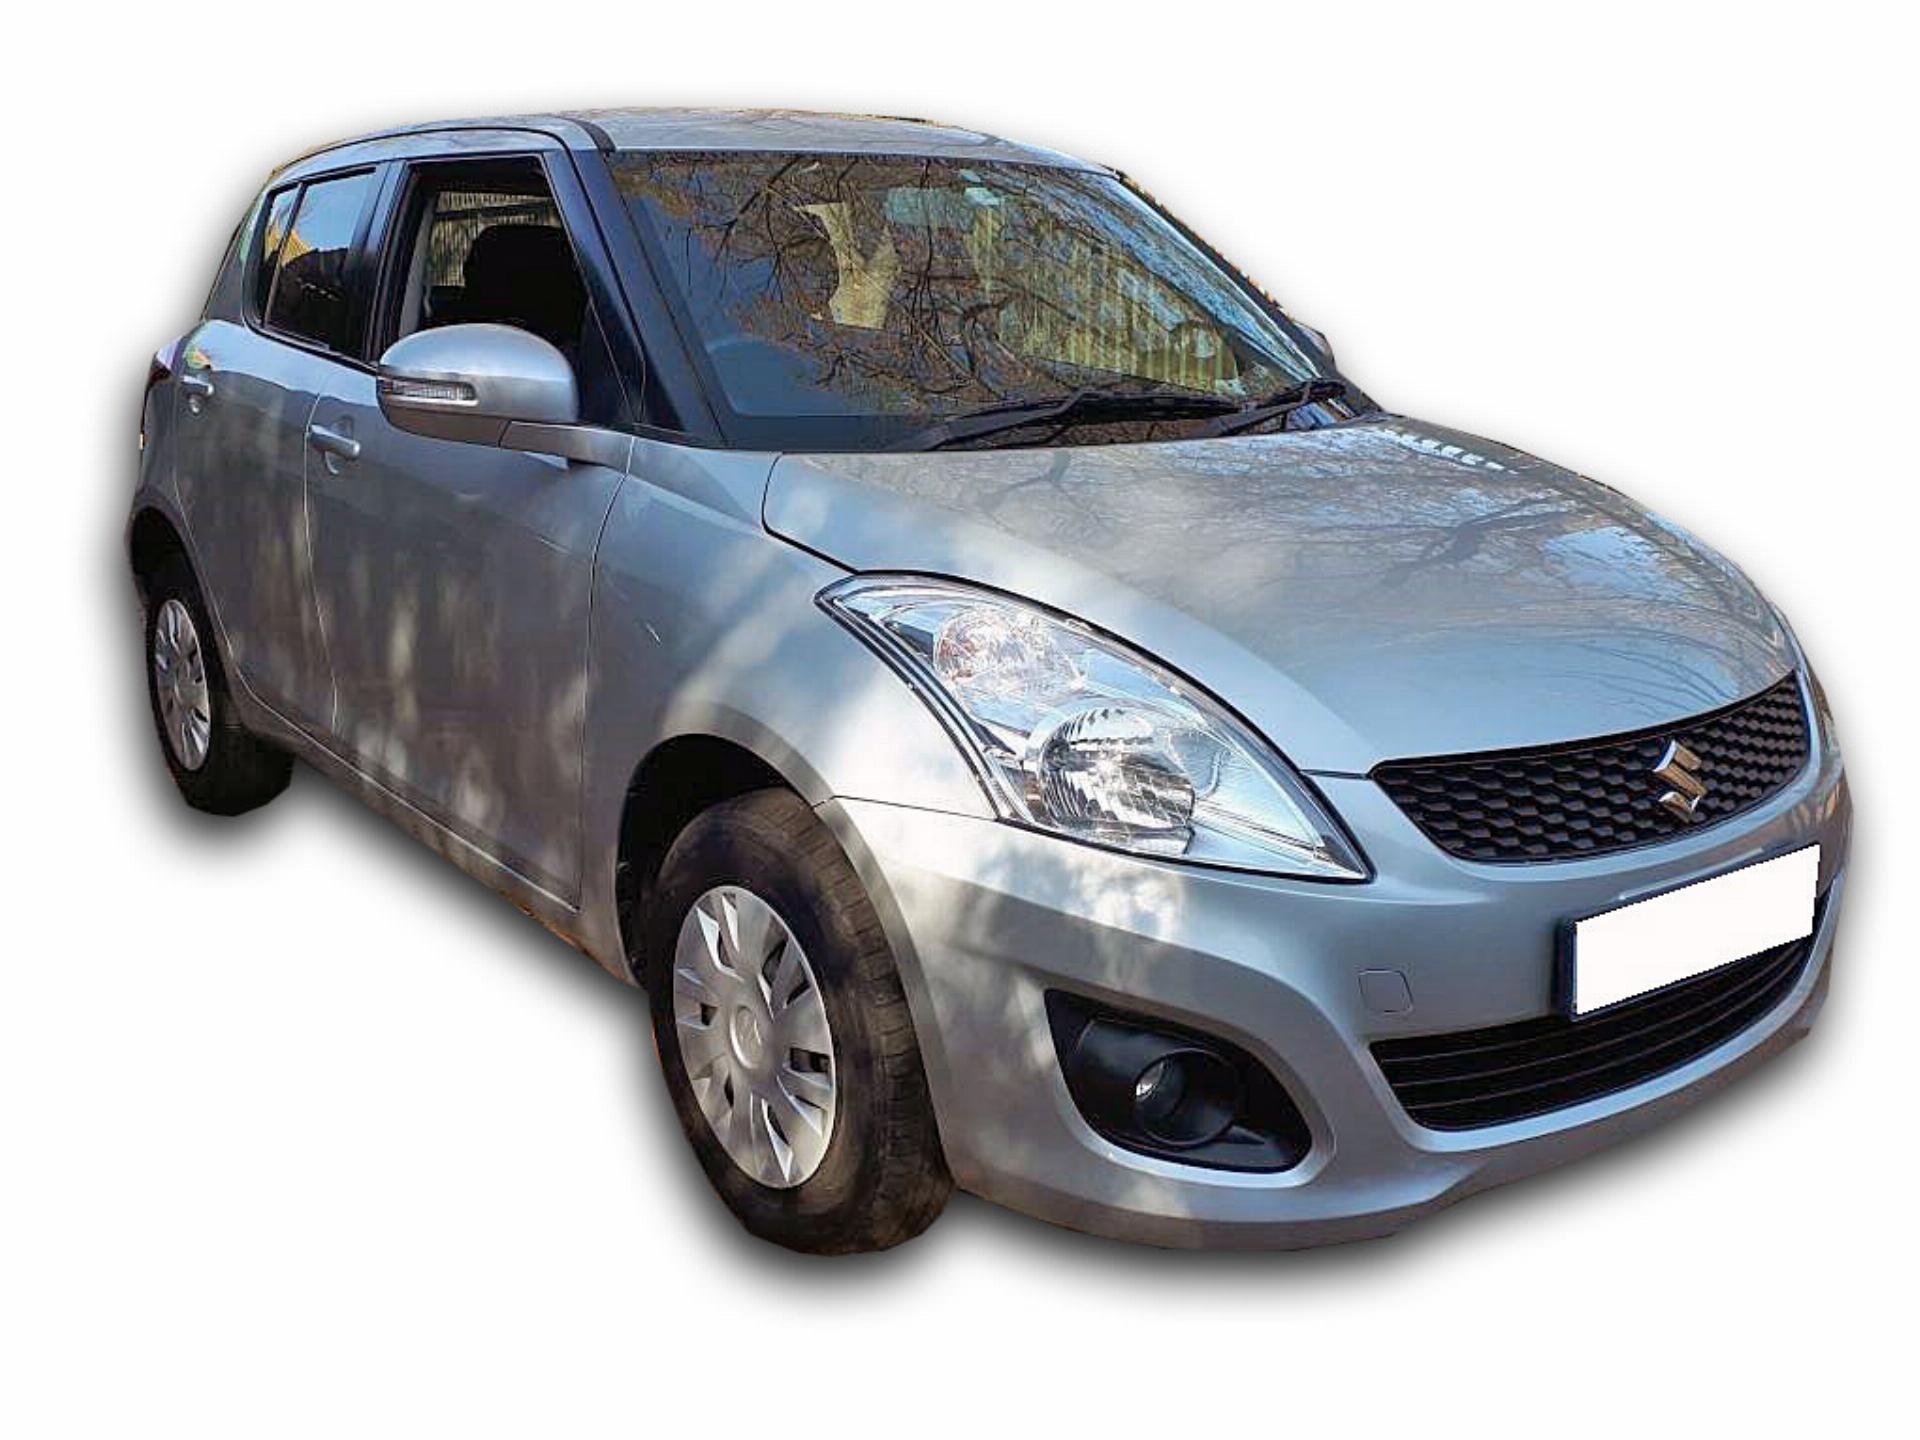 Suzuki 1.4 Swift